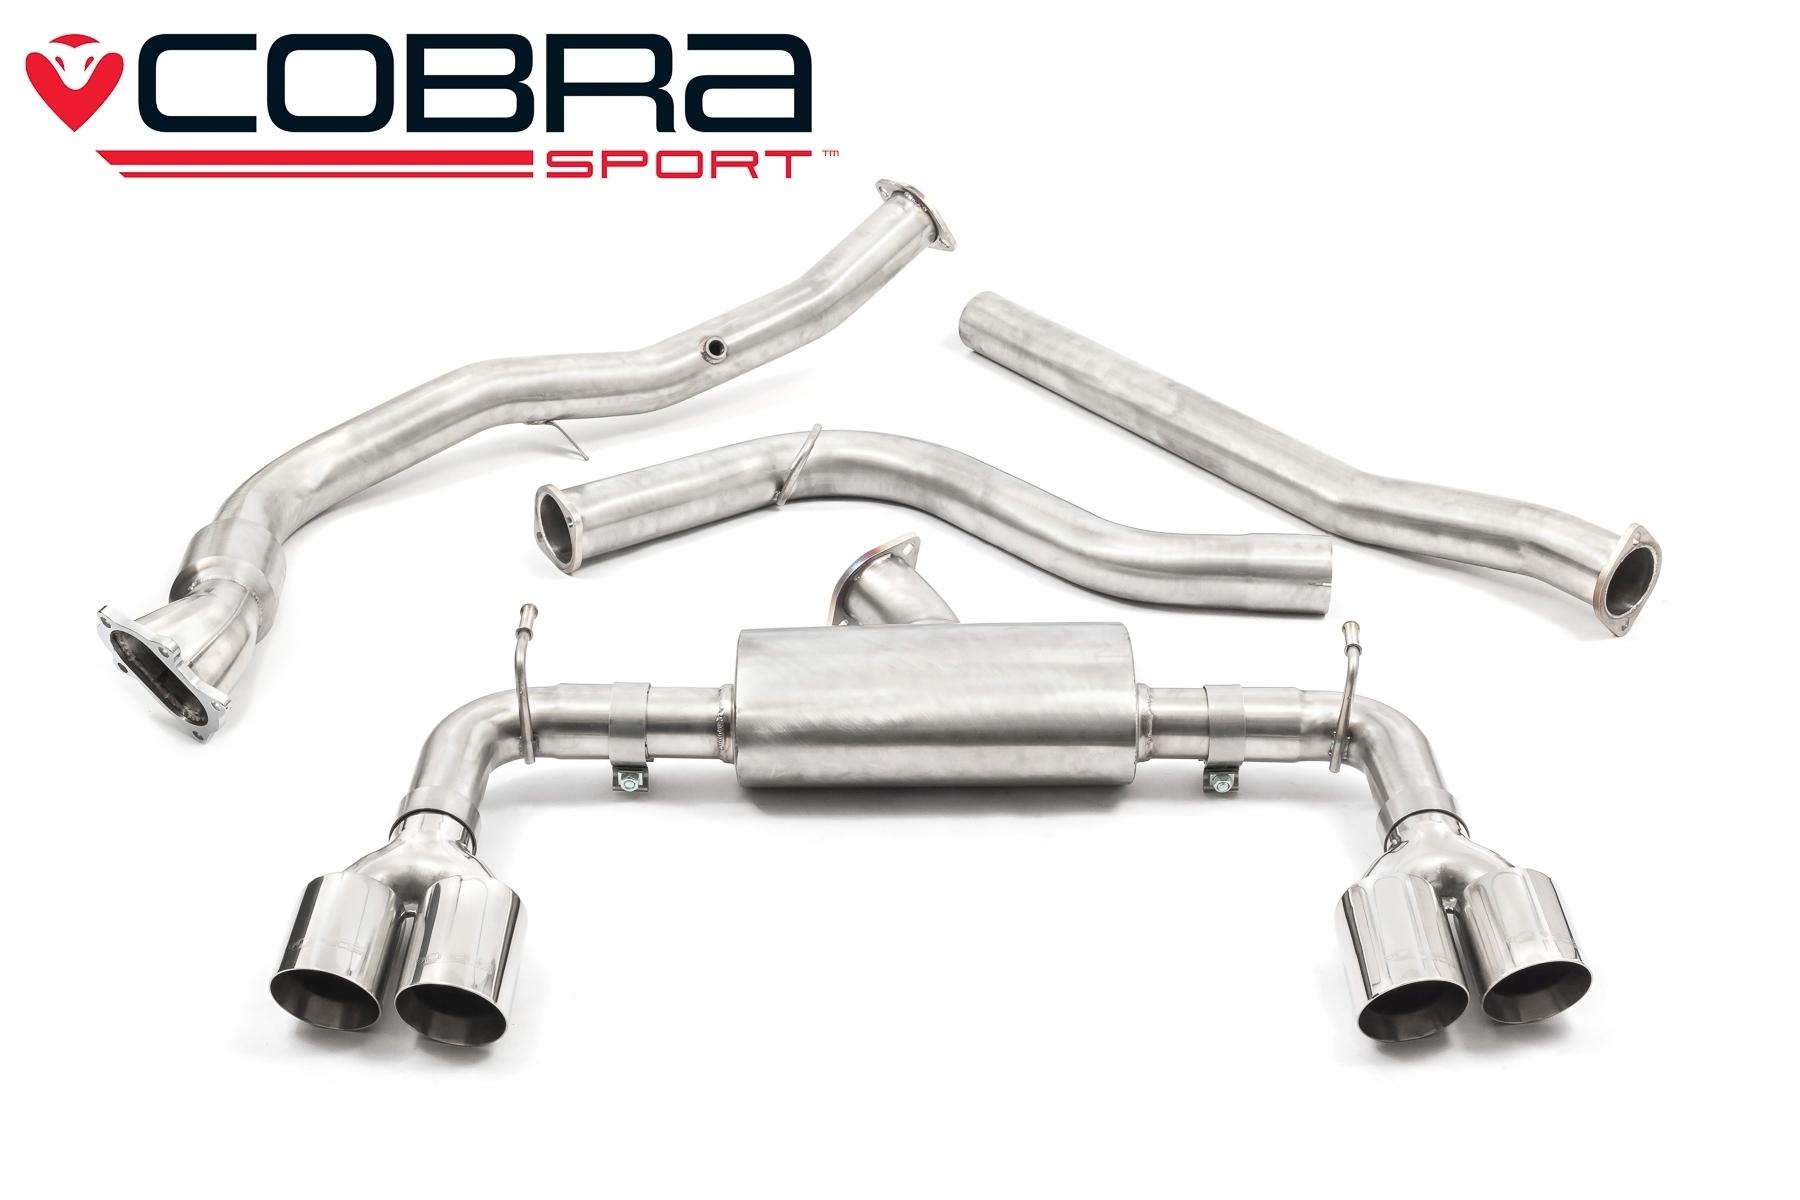 Subaru Impreza STI Turbo Hatchback Cobra Exhaust - SU76b